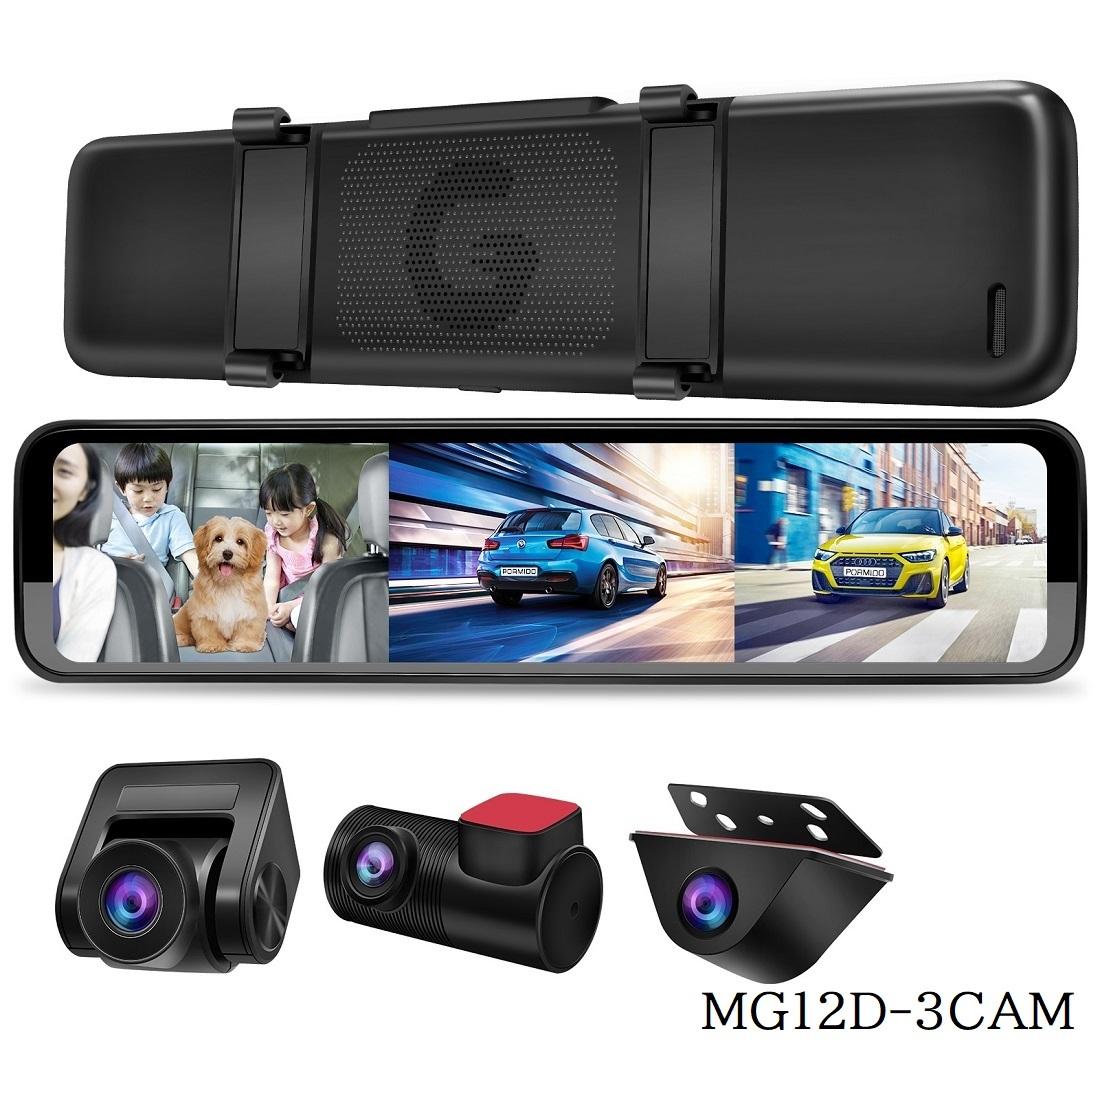 2021年モデル MG12D-3CAM SONYセンサー 前後室内録画 ワイド 全画面タッチパネル 12インチ ドライブレコーダー 2021モデル 前後室内3カメラ 前後室内カメラ デジタルインナーミラー 同時録画 地デジノイズ対策済 分離 右ハンドル 左ハンドル 駐車監視 GPS エムジーエム